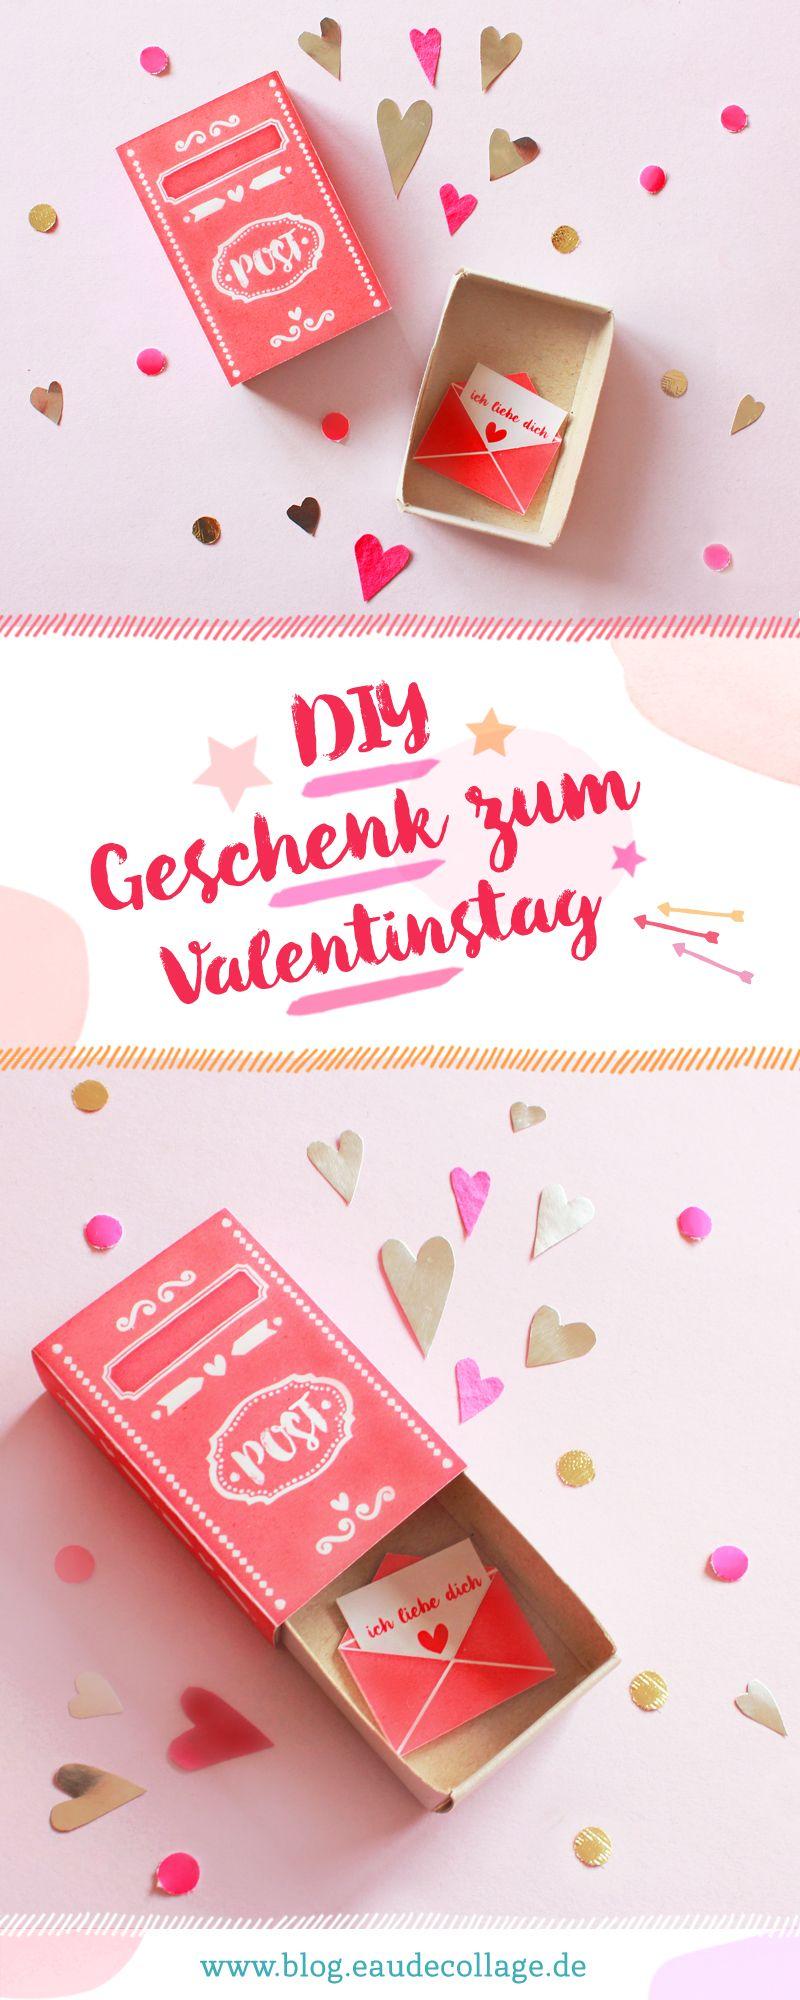 diy streichholzschachtel zum valentinstag free printable dekoracje valentinstag. Black Bedroom Furniture Sets. Home Design Ideas